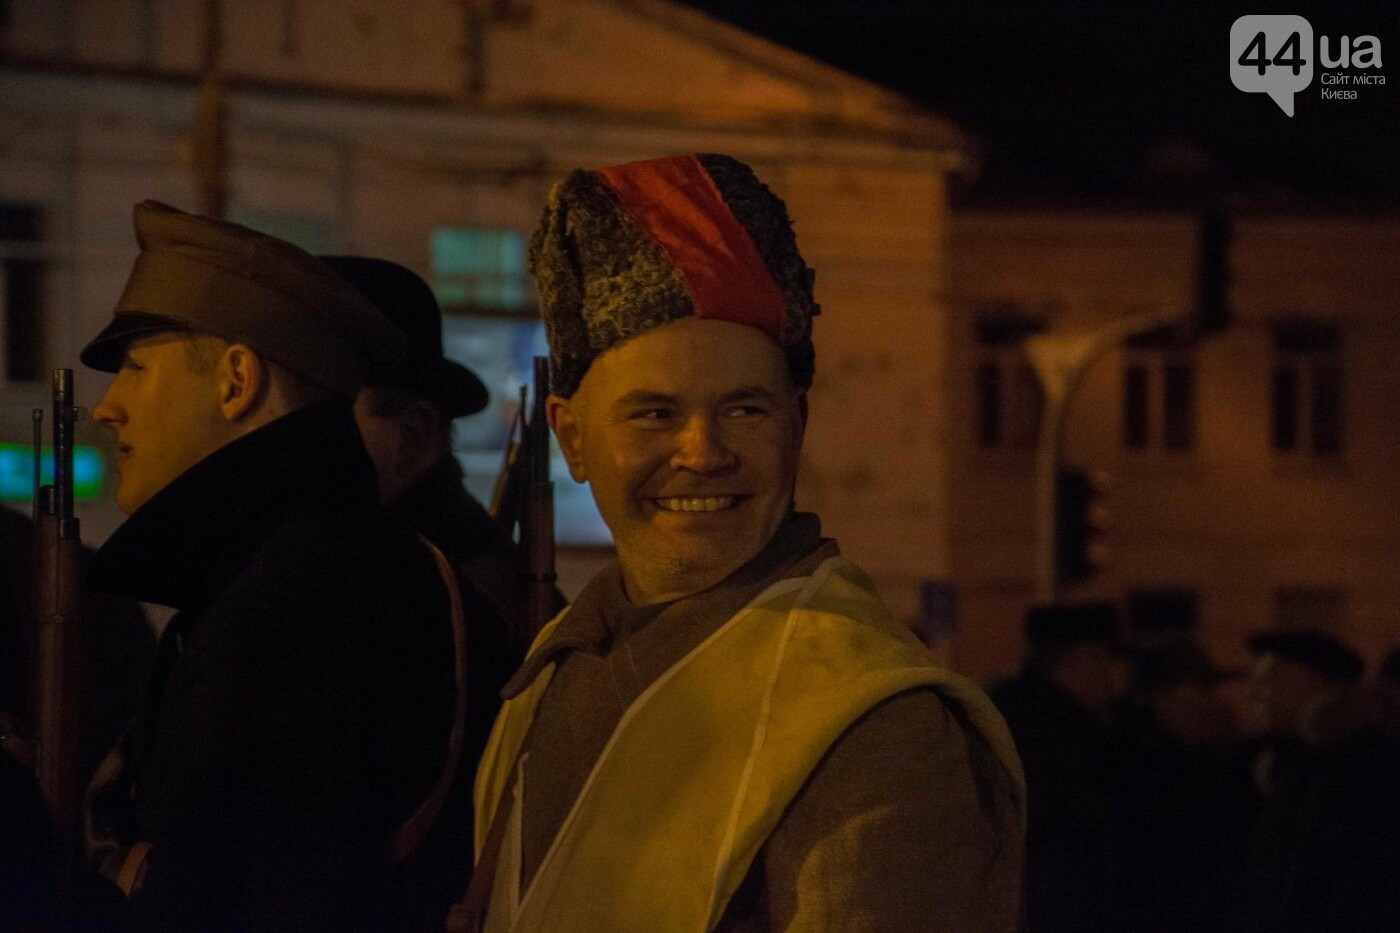 В Киеве провели реконструкцию боя за завод Арсенал (ФОТОРЕПОРТАЖ), фото-12